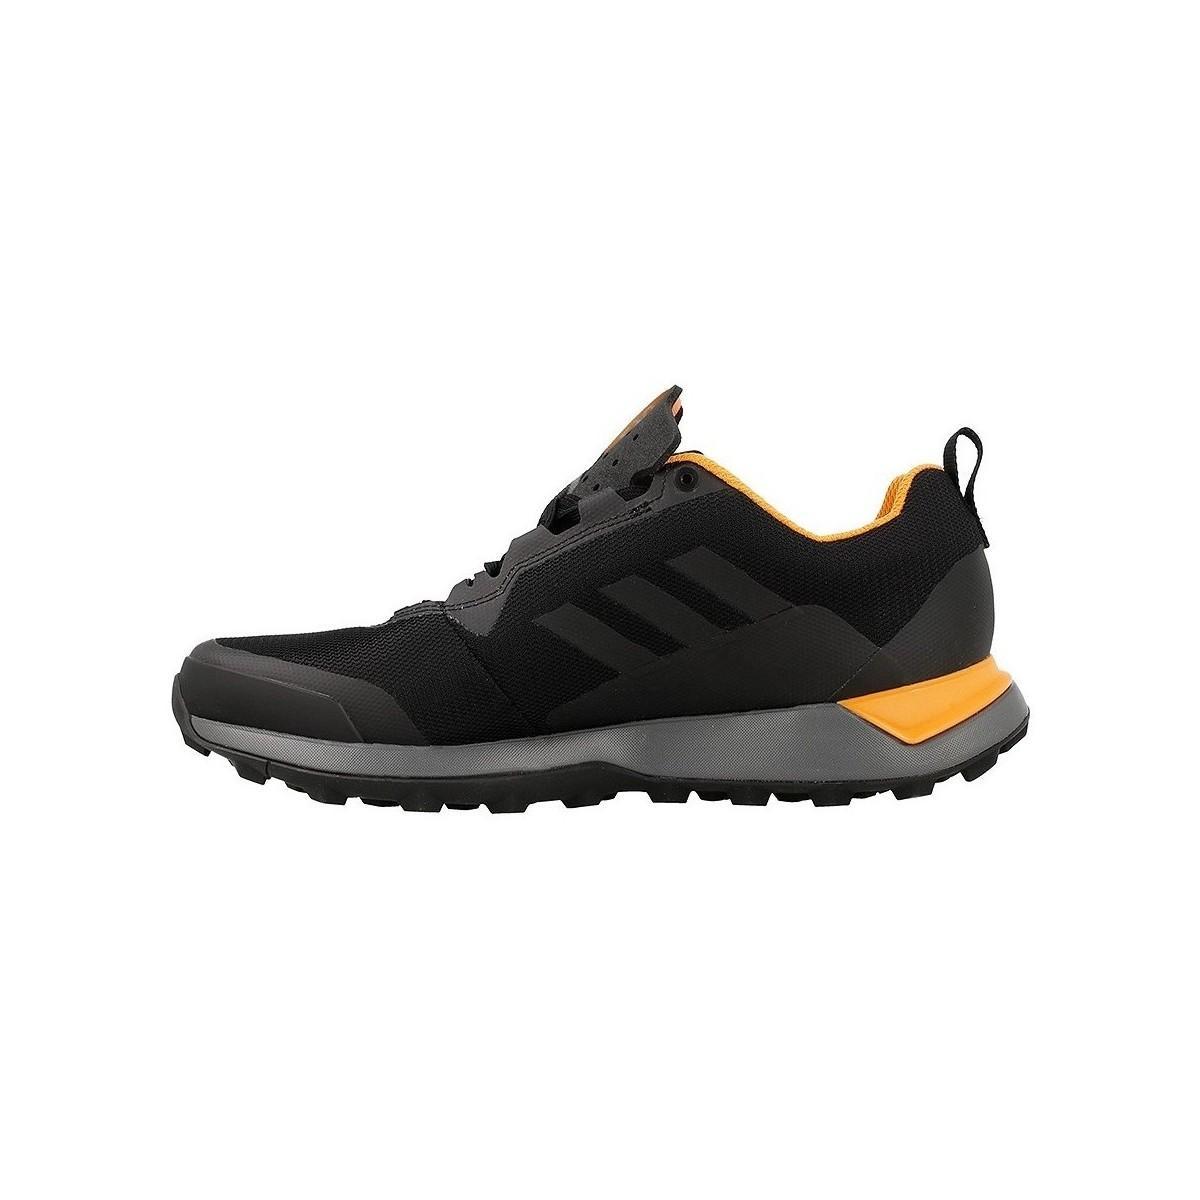 Terrex Cmtk Chaussures adidas pour homme en coloris Noir